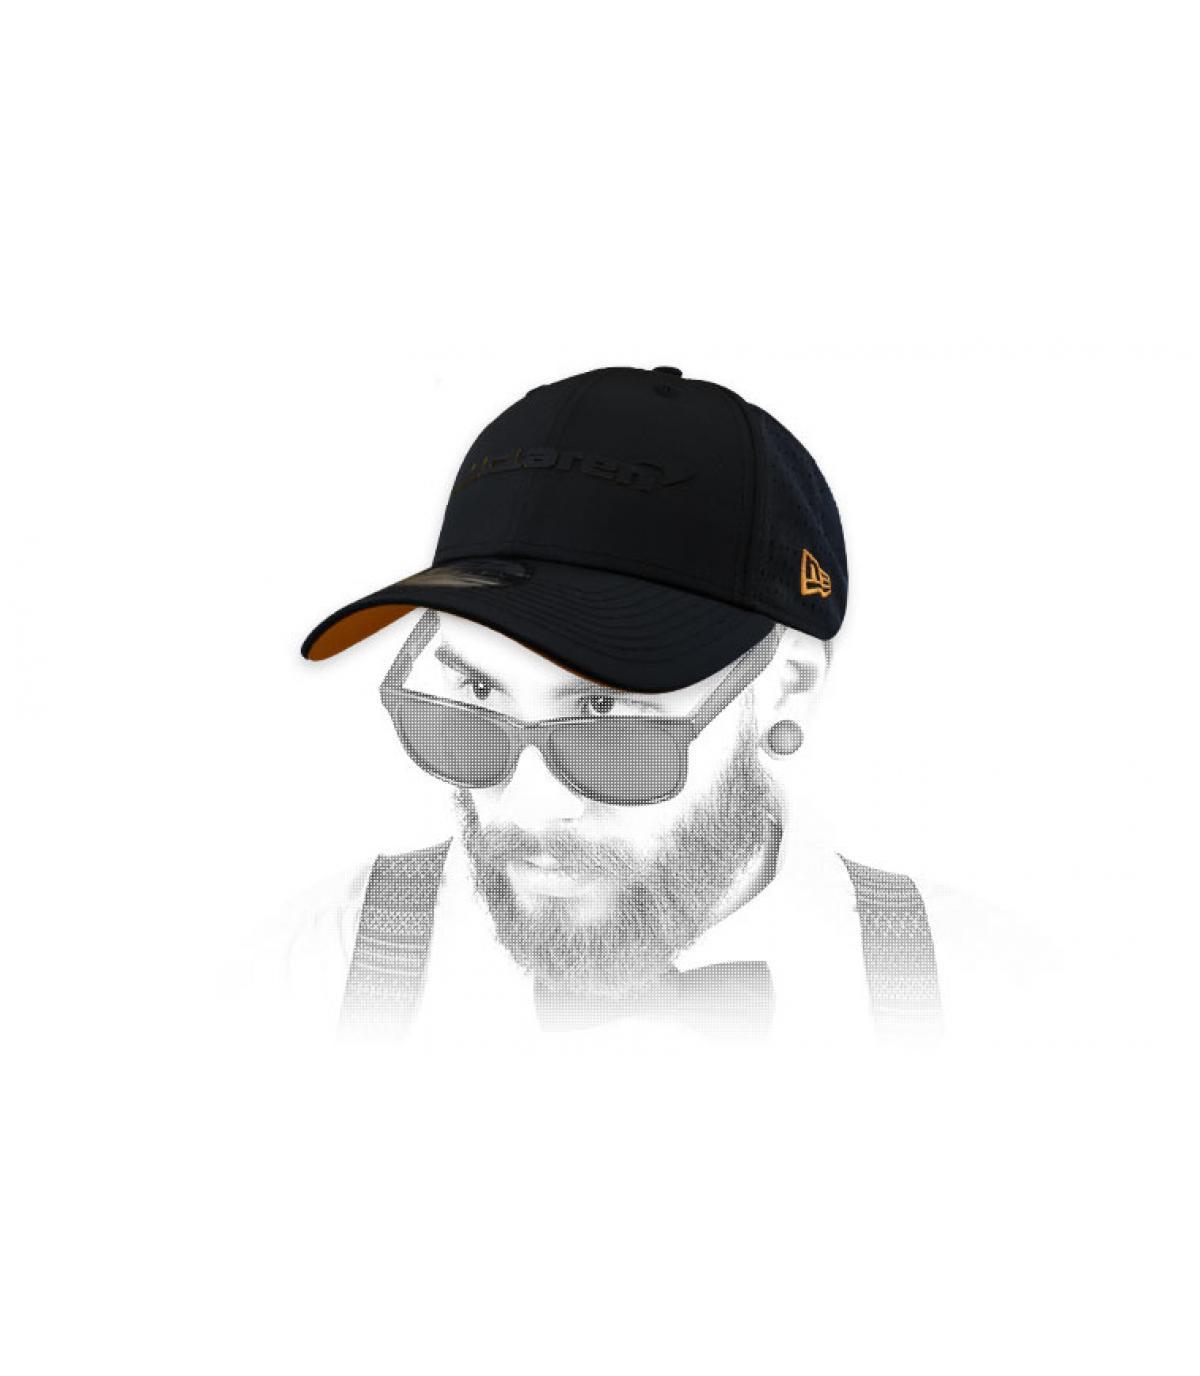 Cappellino McLaren nero